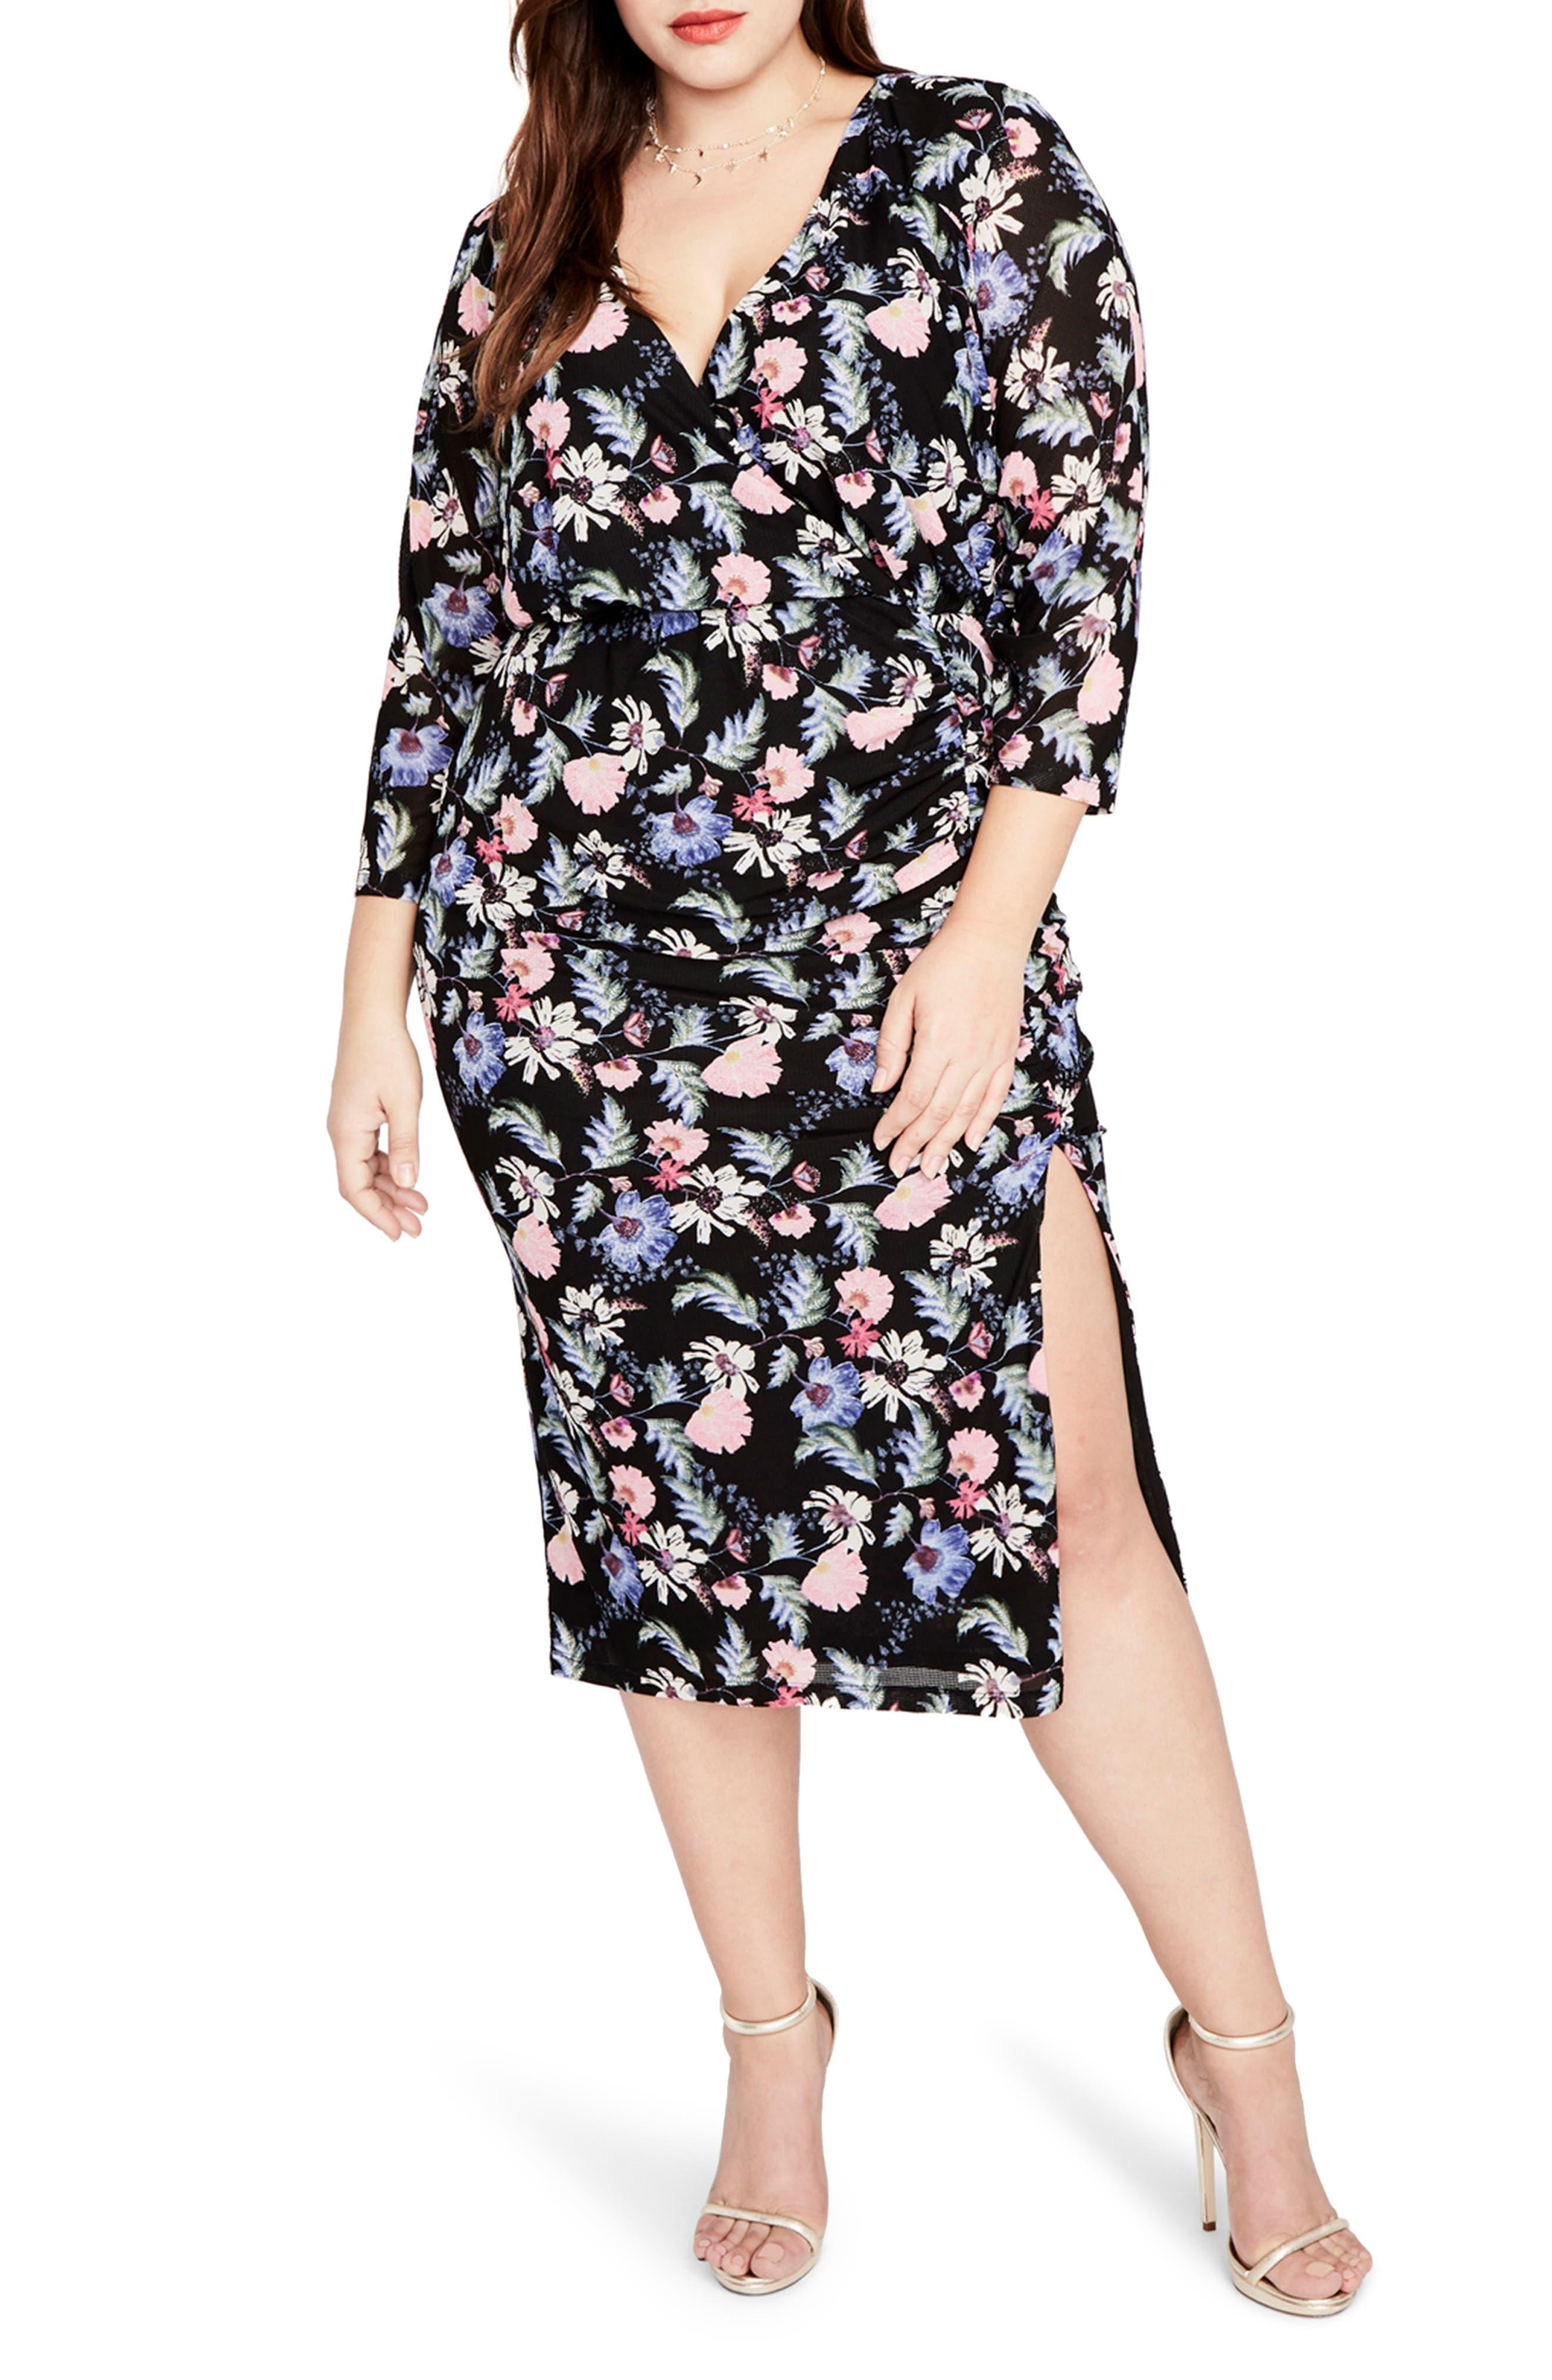 RACHEL BY Rachel Roy Ruched Floral Midi Dress,                         Main,                         color, Black Multi